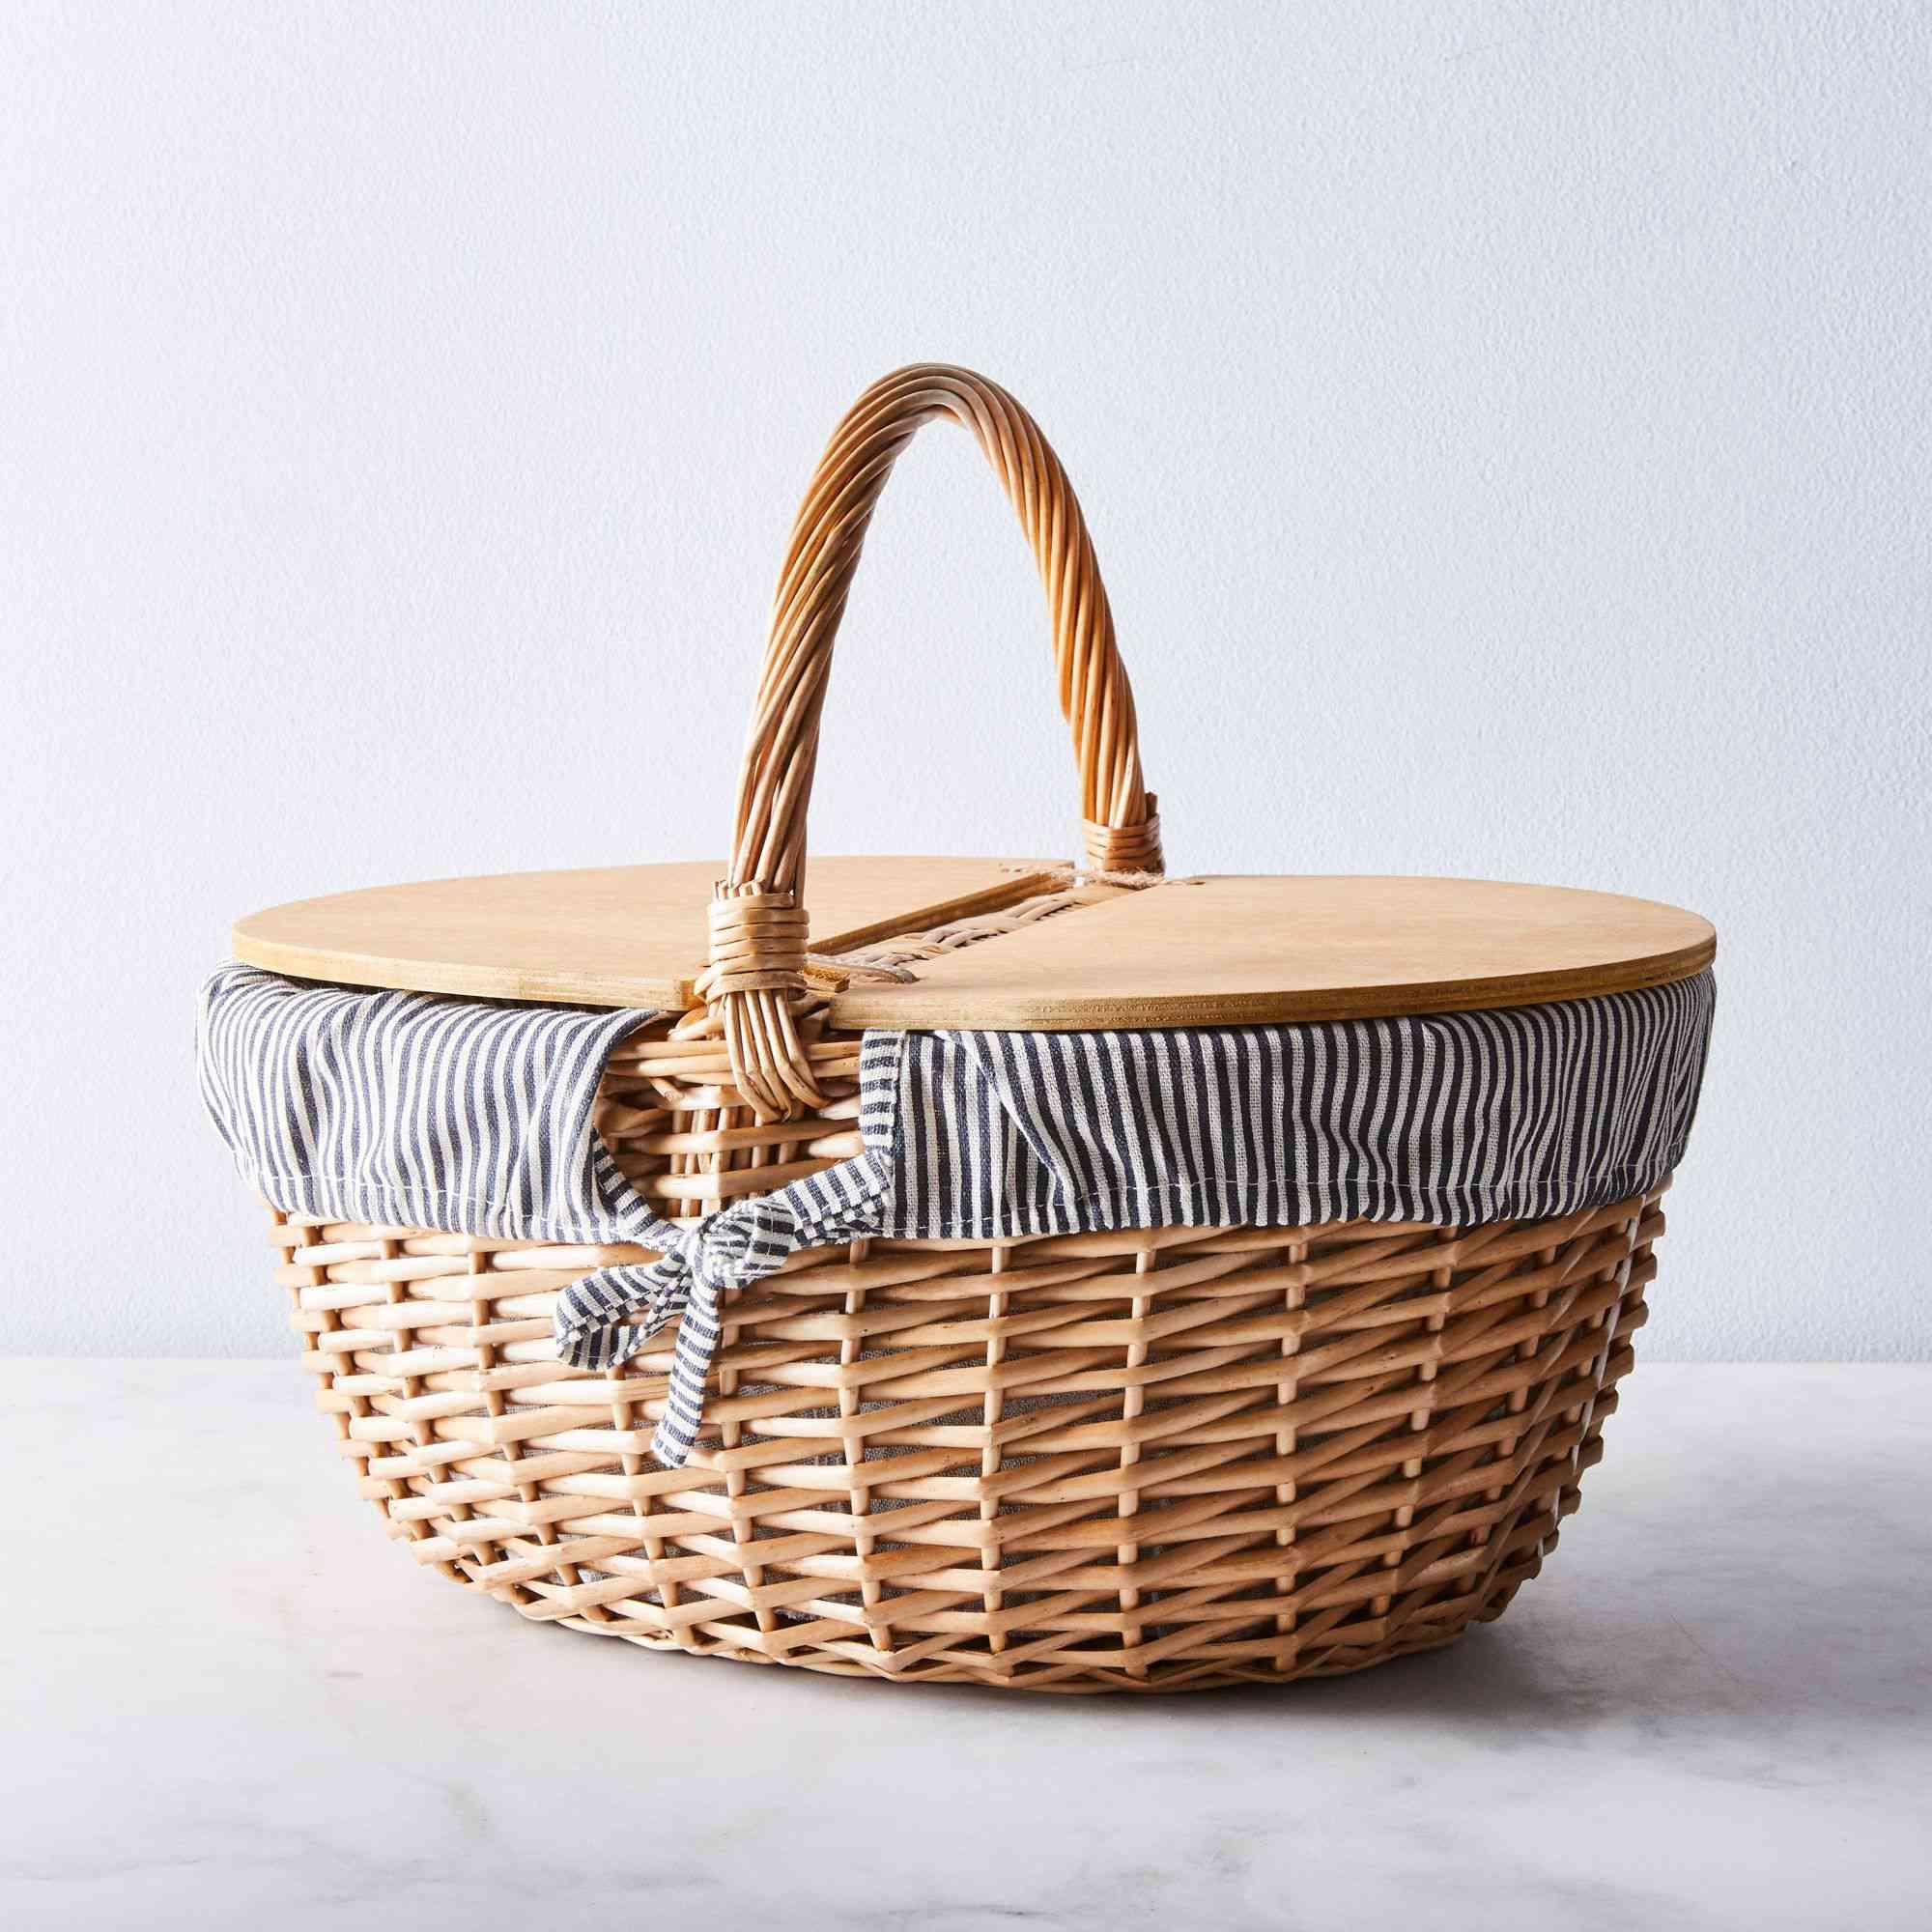 Blue & White Striped Picnic Basket